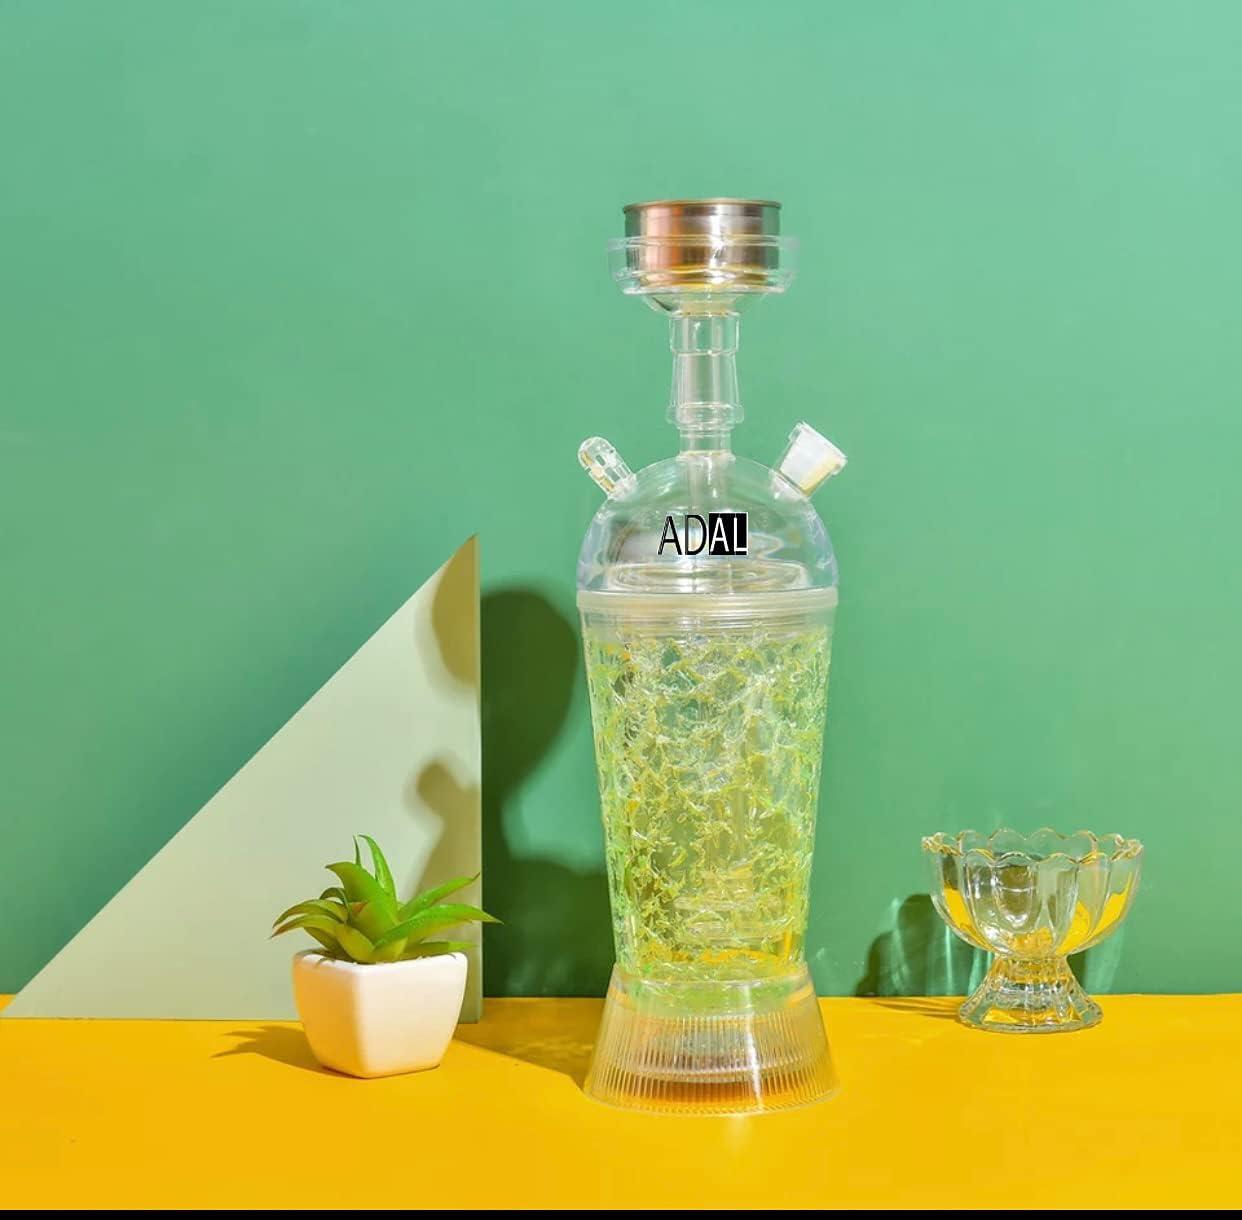 ADAL Shisha Ice Shisha | Refrigerador de humo | Shisha ICE Travel Shisha | Juego completo que incluye base LED extraíble + pinzas y manguera | Para casa y de viaje | plexiglás – acrílico (verde)